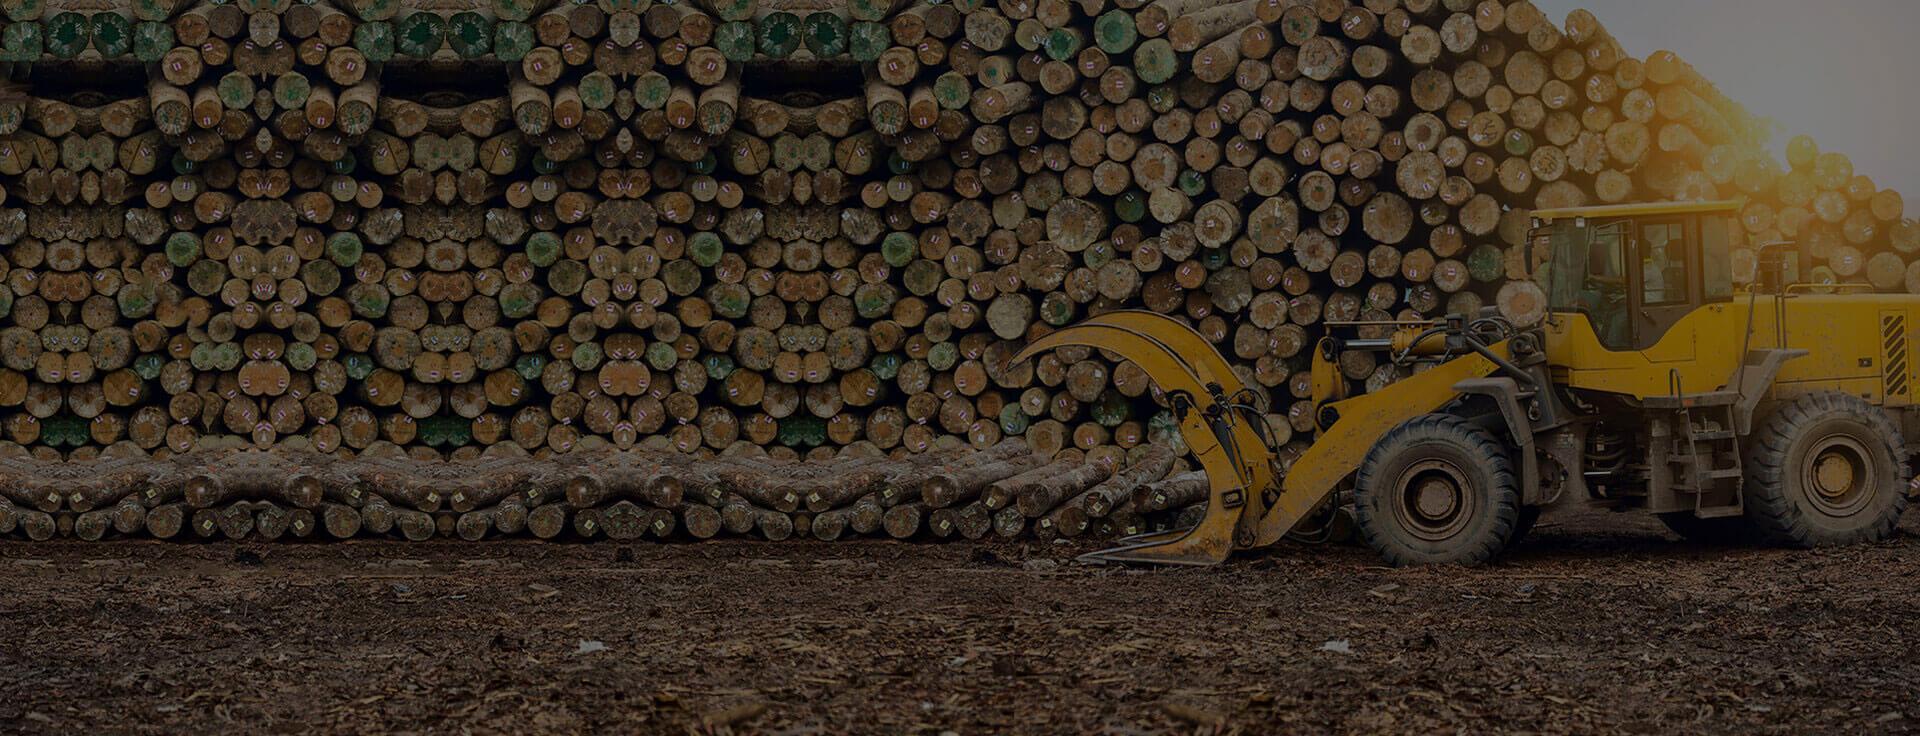 slider-agriculture-forestry